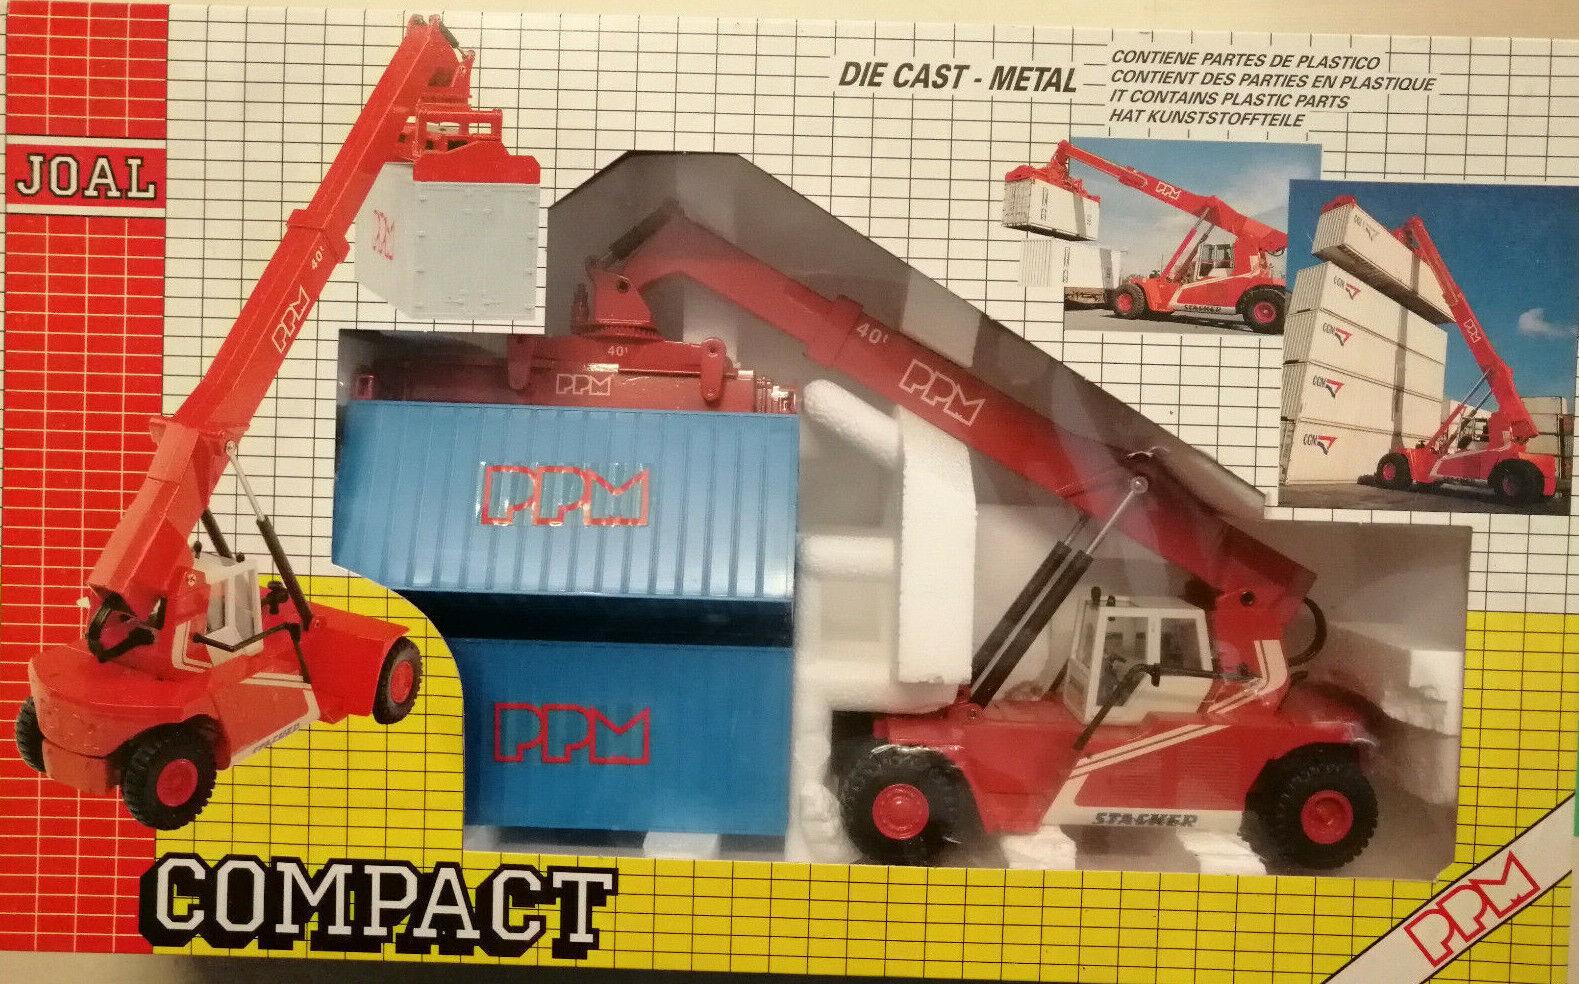 Joal Compact - Die Cast Metal - Super Stacker - vintage '80